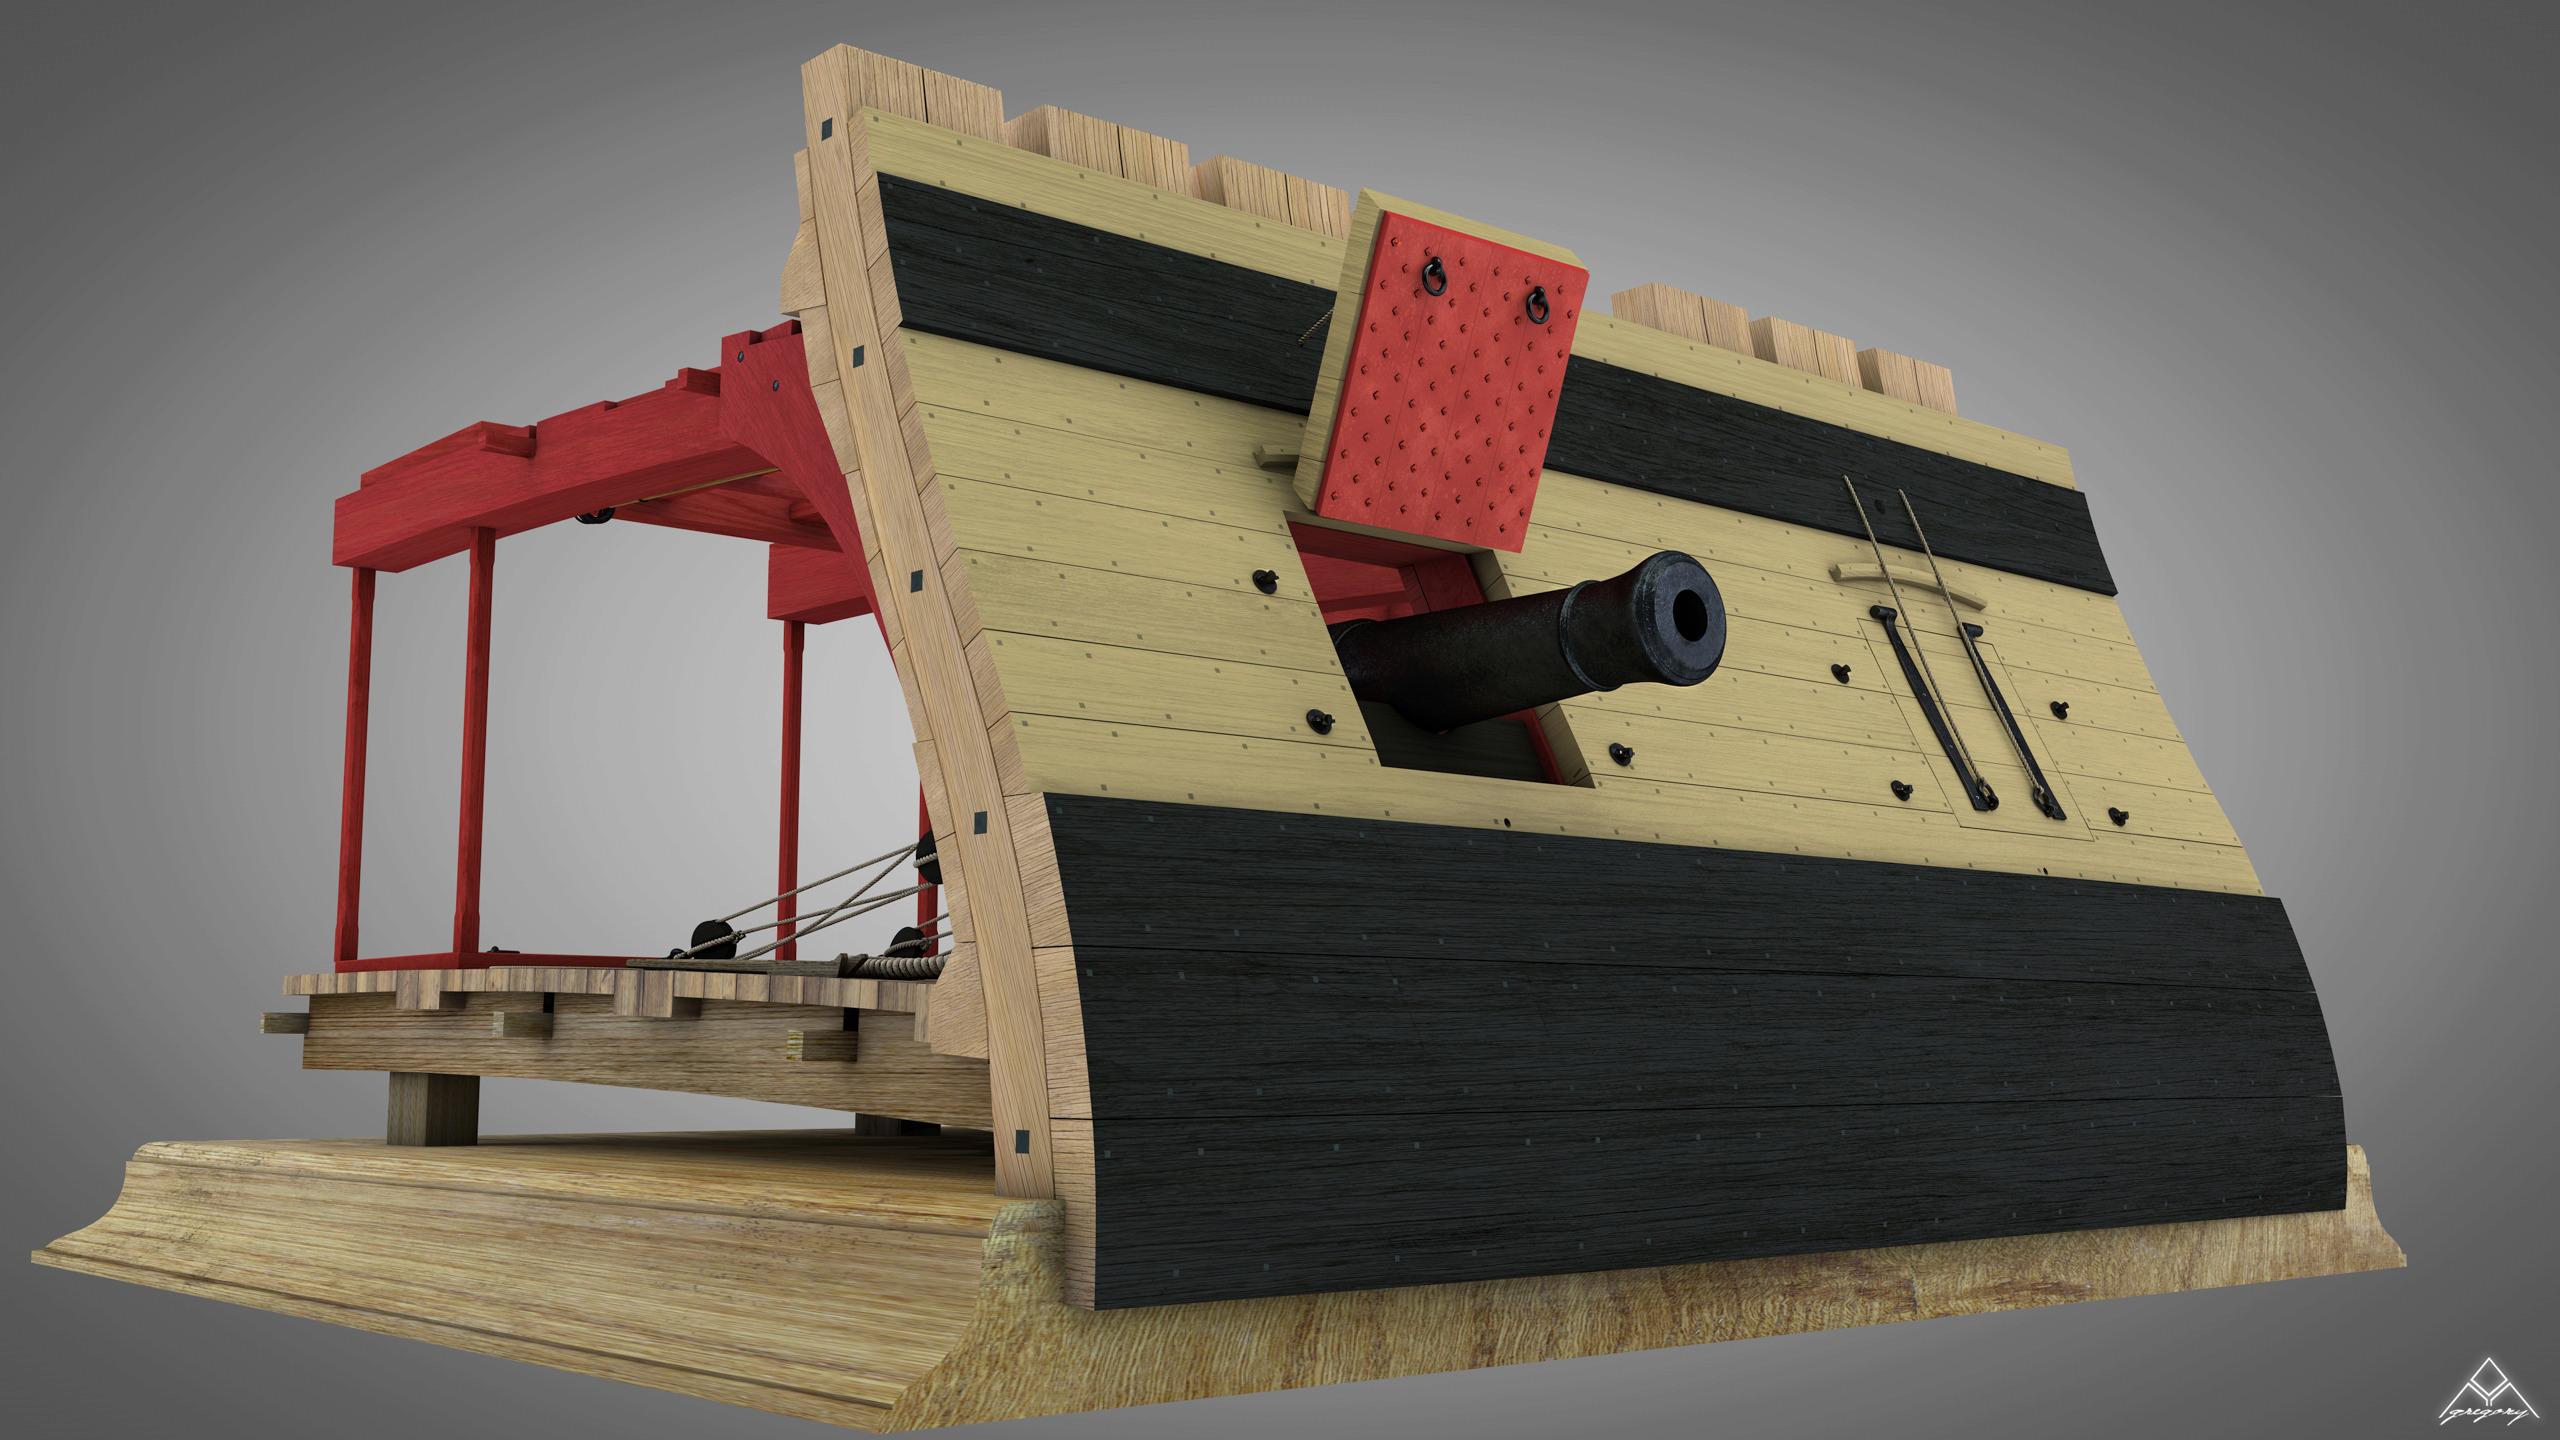 Canons de vaisseau 74 canons (Création 3D) par Greg_3D - Page 7 Rendu_79